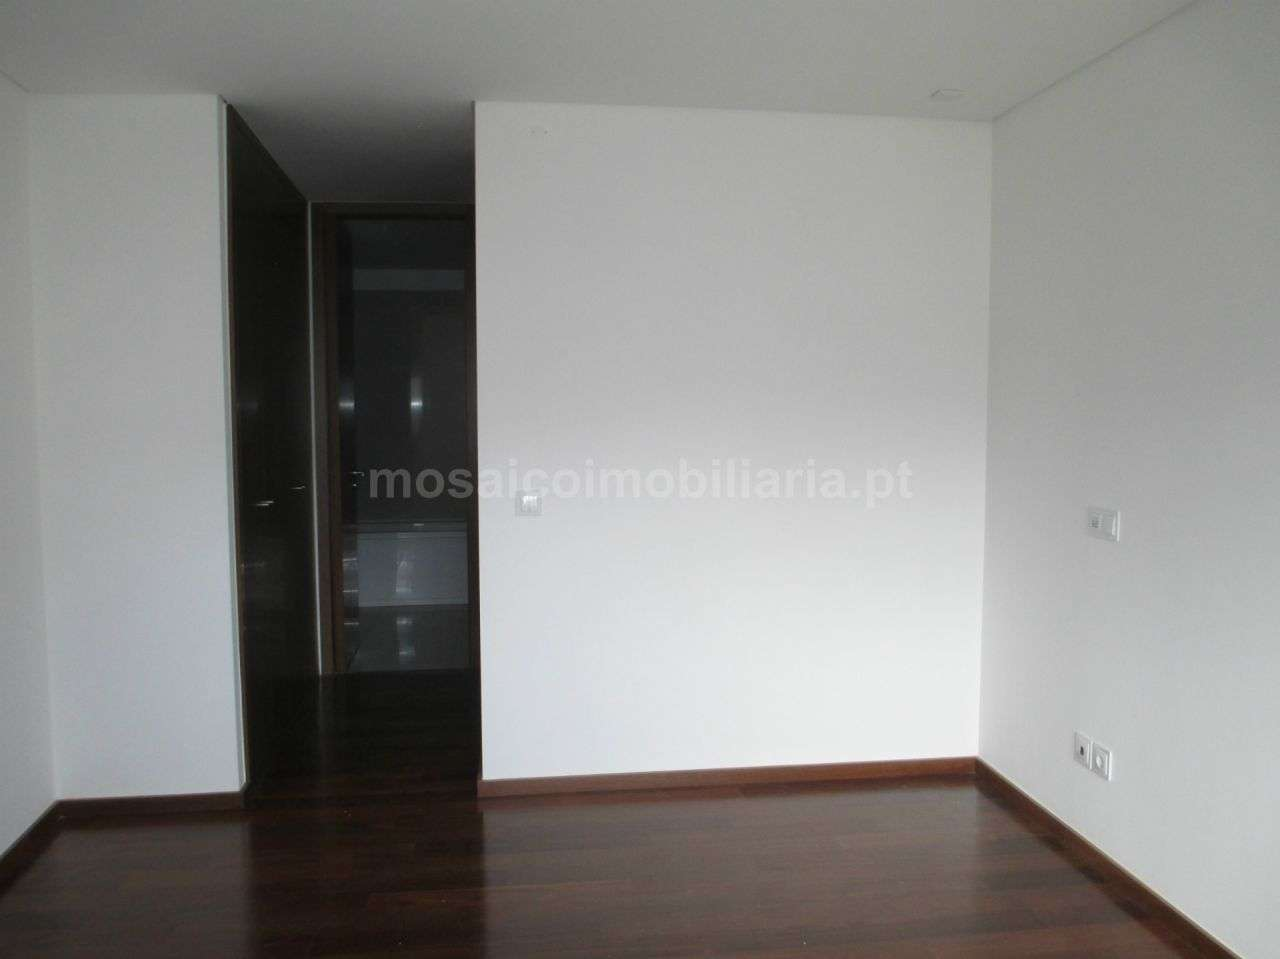 Apartamento para comprar, Canidelo, Porto - Foto 46